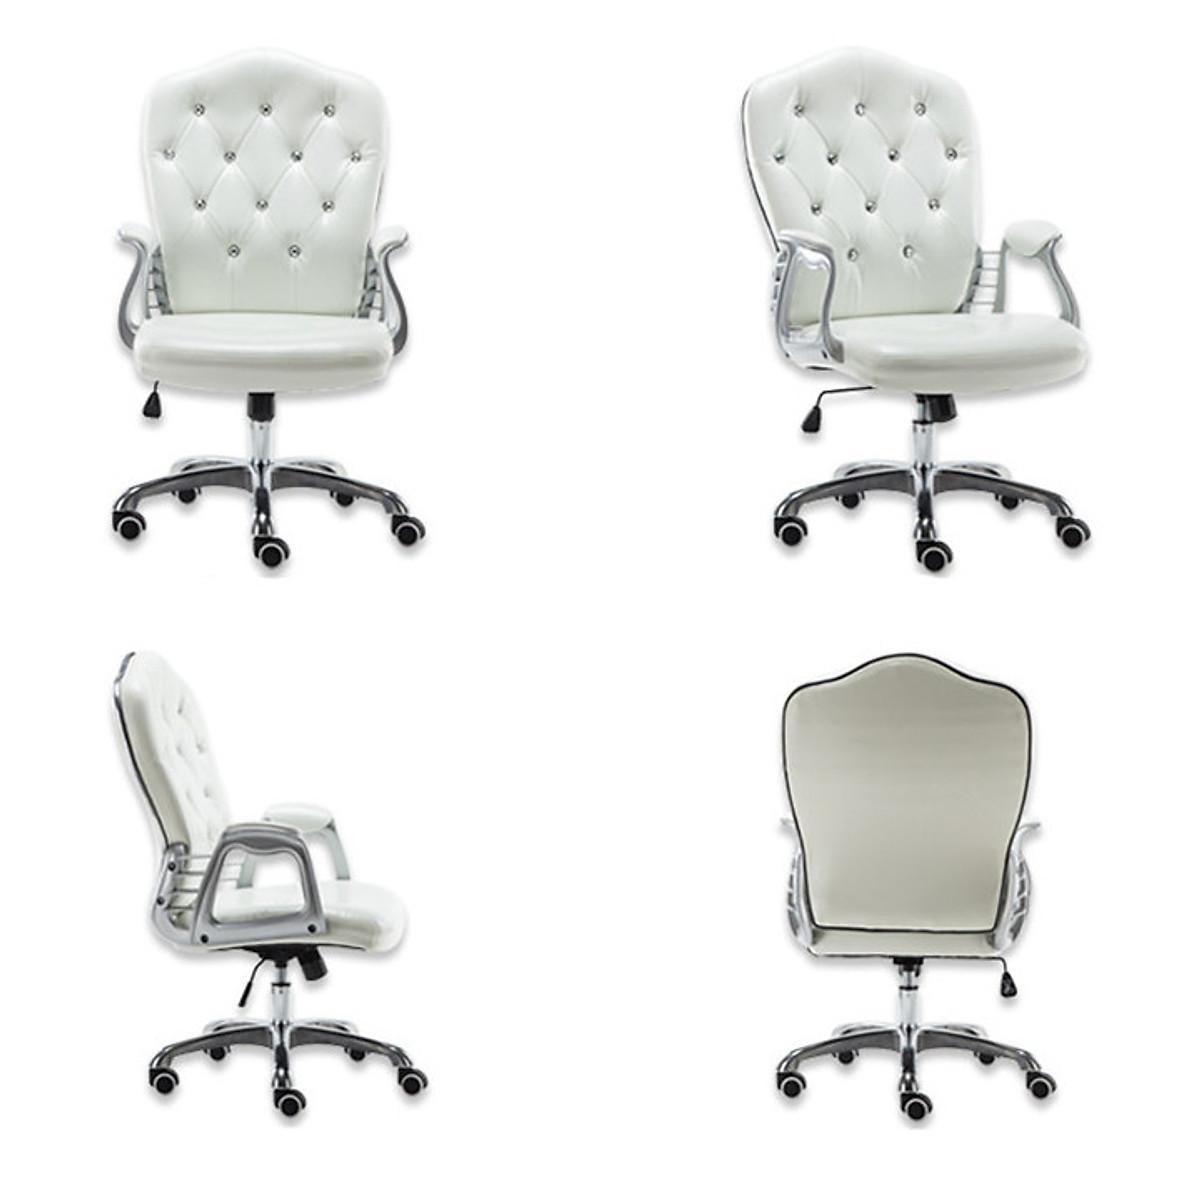 Ghế văn phòng kiểu dáng hiện đại Màu ngẫu nhiên - 2